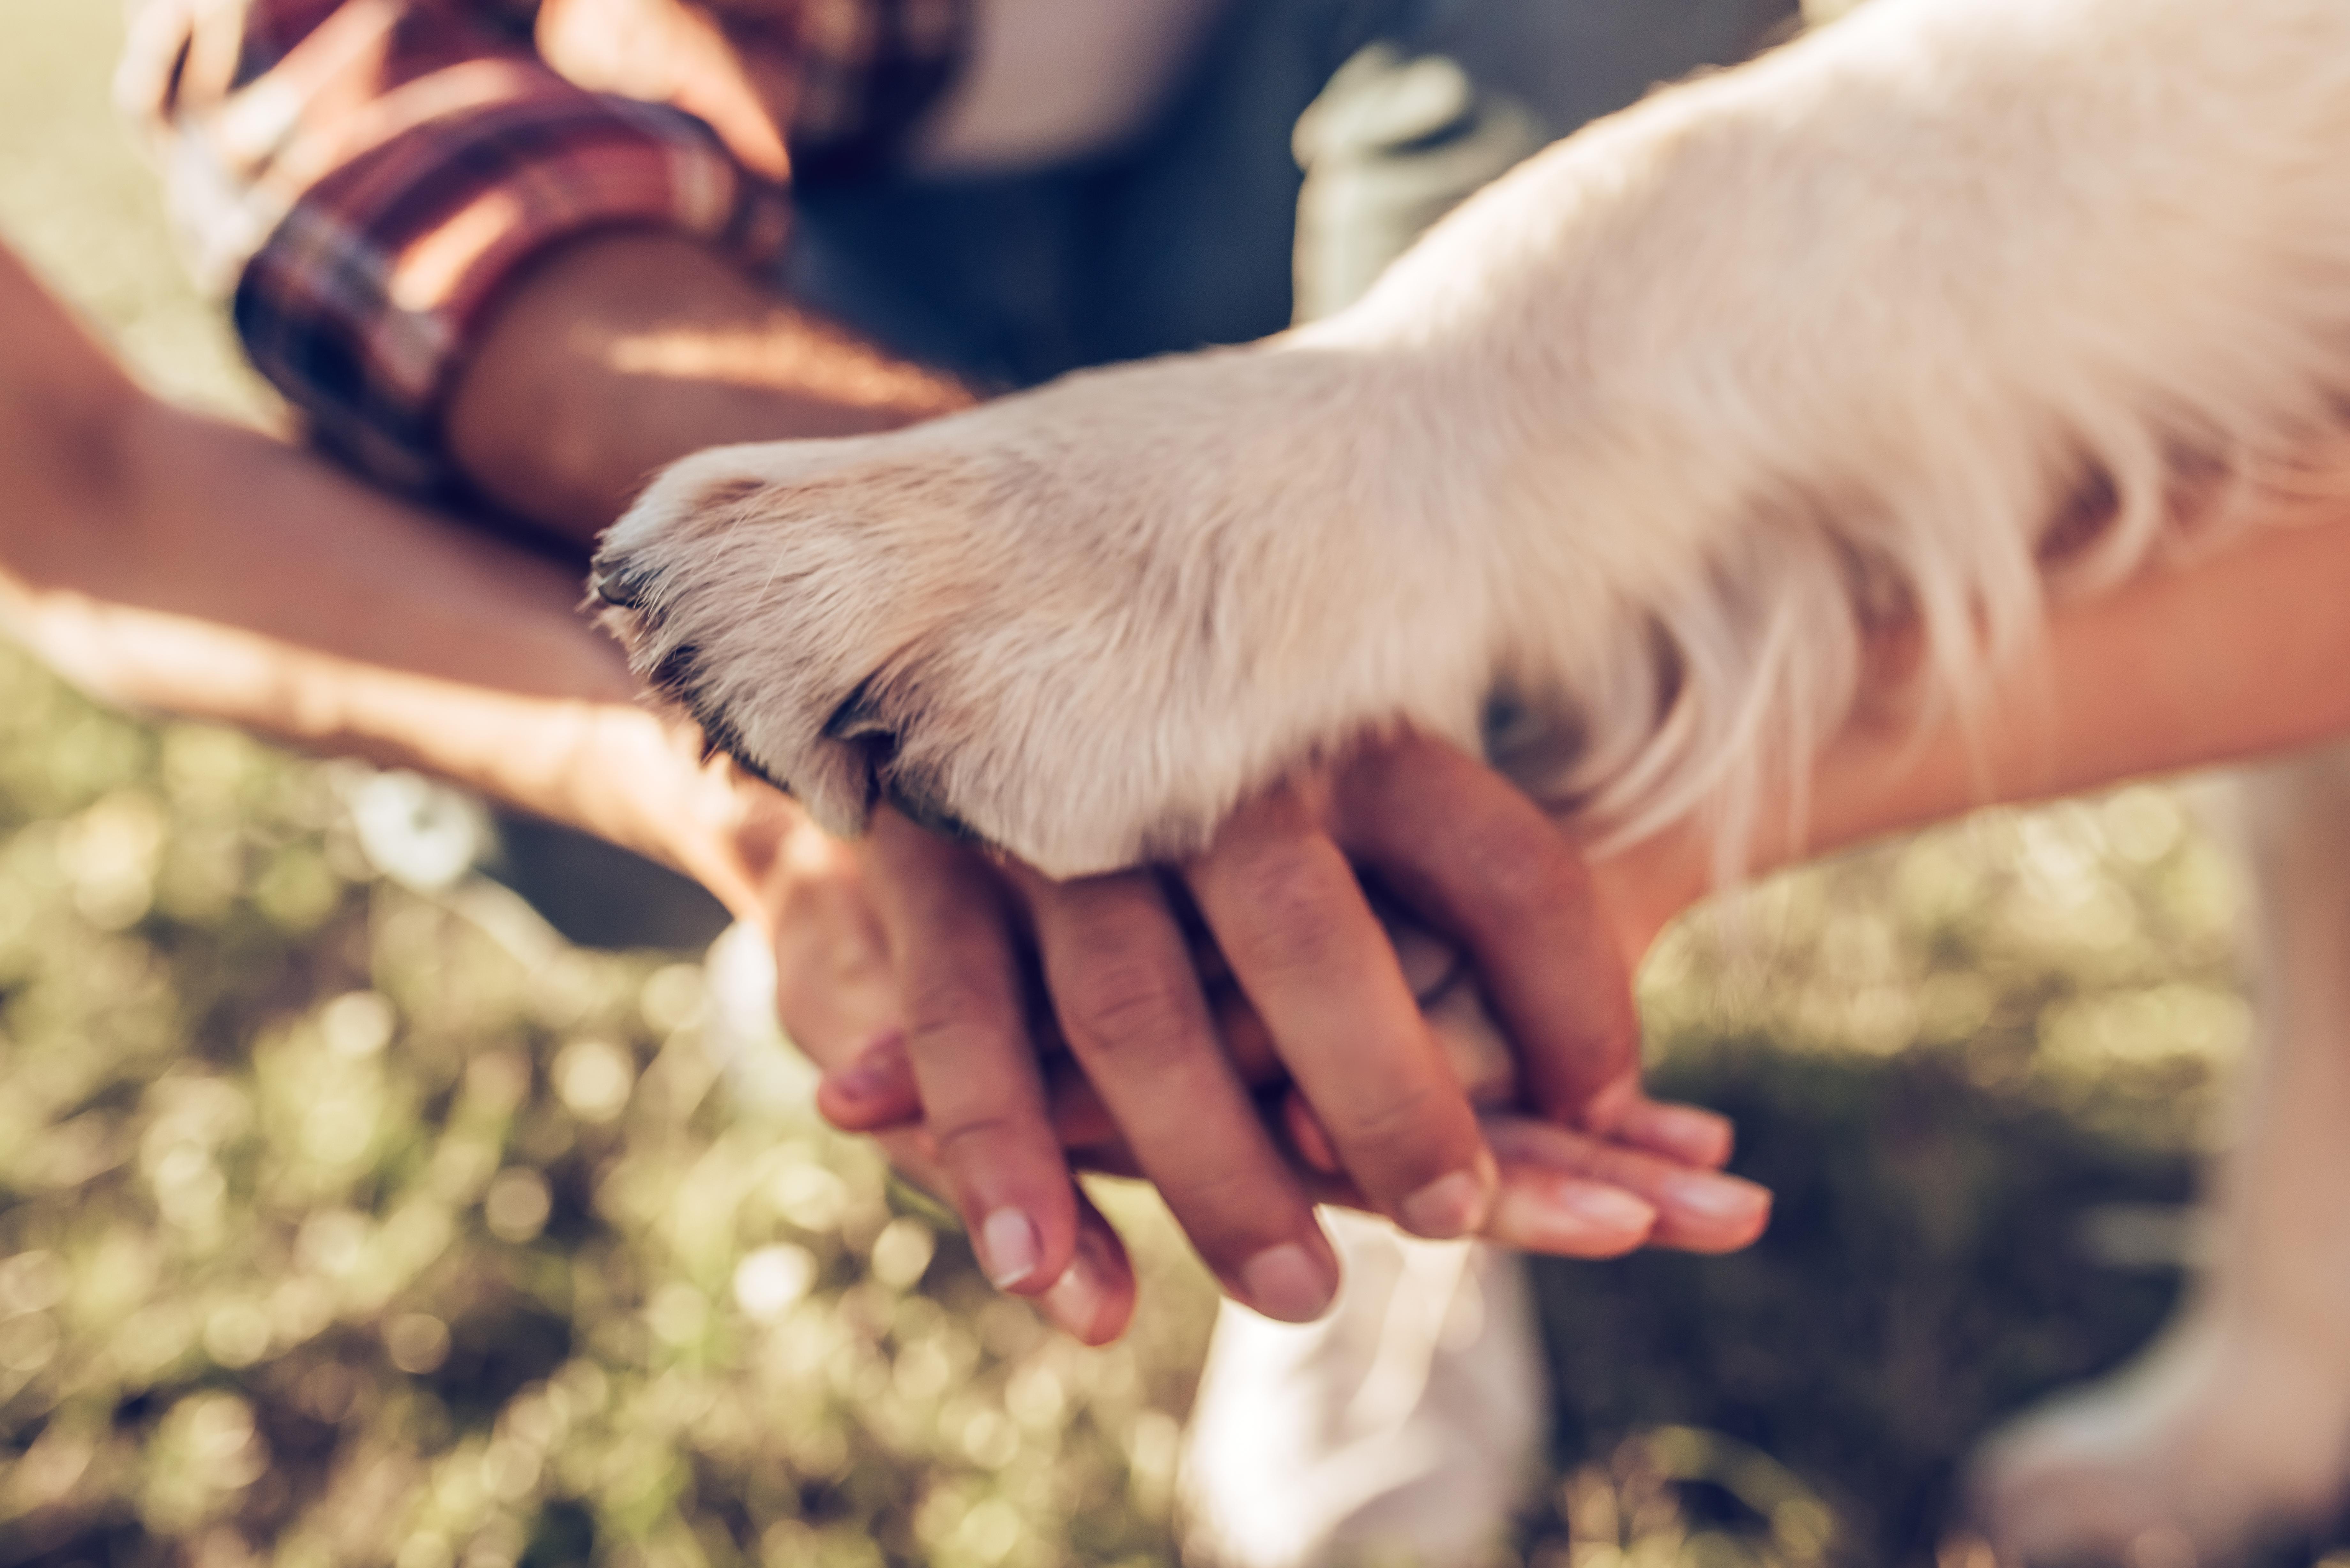 Românii și-au luat mai multe animale de companie în pandemie, arată rezultatele unui studiu